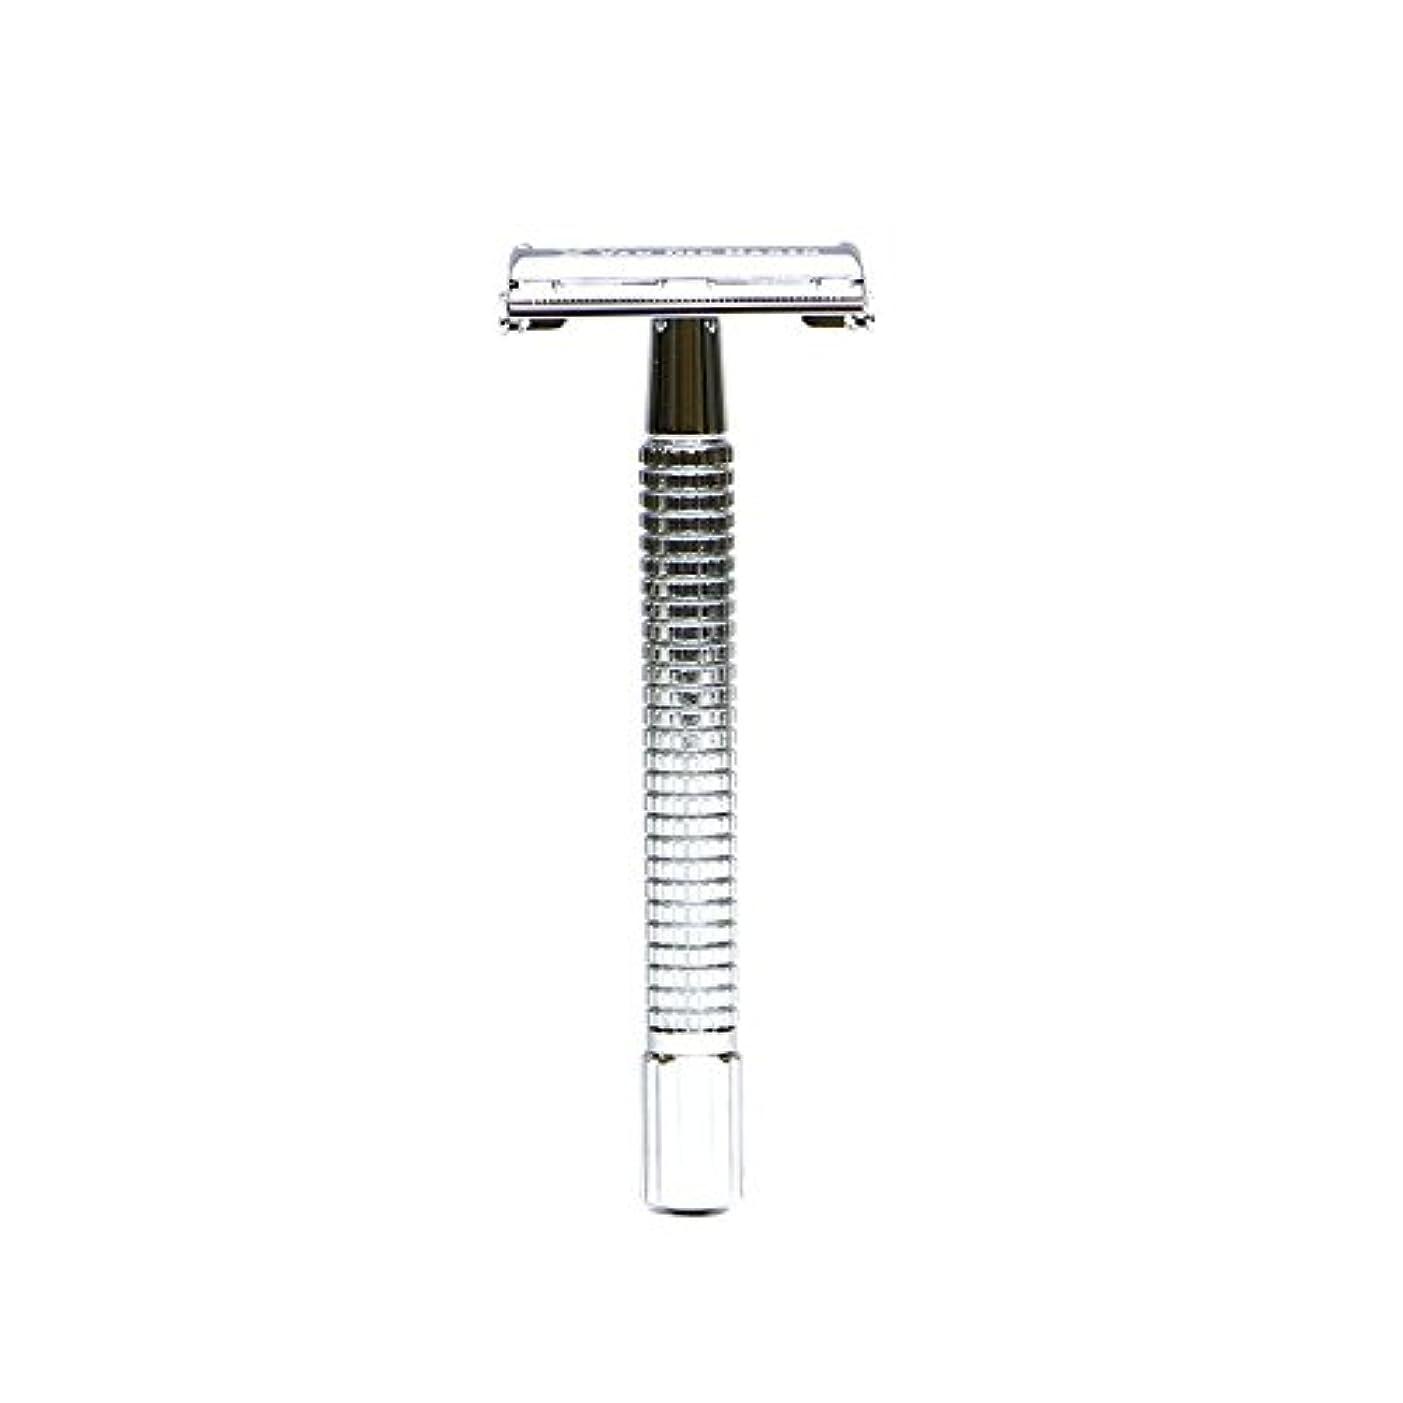 ラッドヤードキップリングリップ組み合わせVANDERHAGEN(米) トラディショナル 安全両刃カミソリ ロングタイプ バタフライタイプ 替刃5枚付